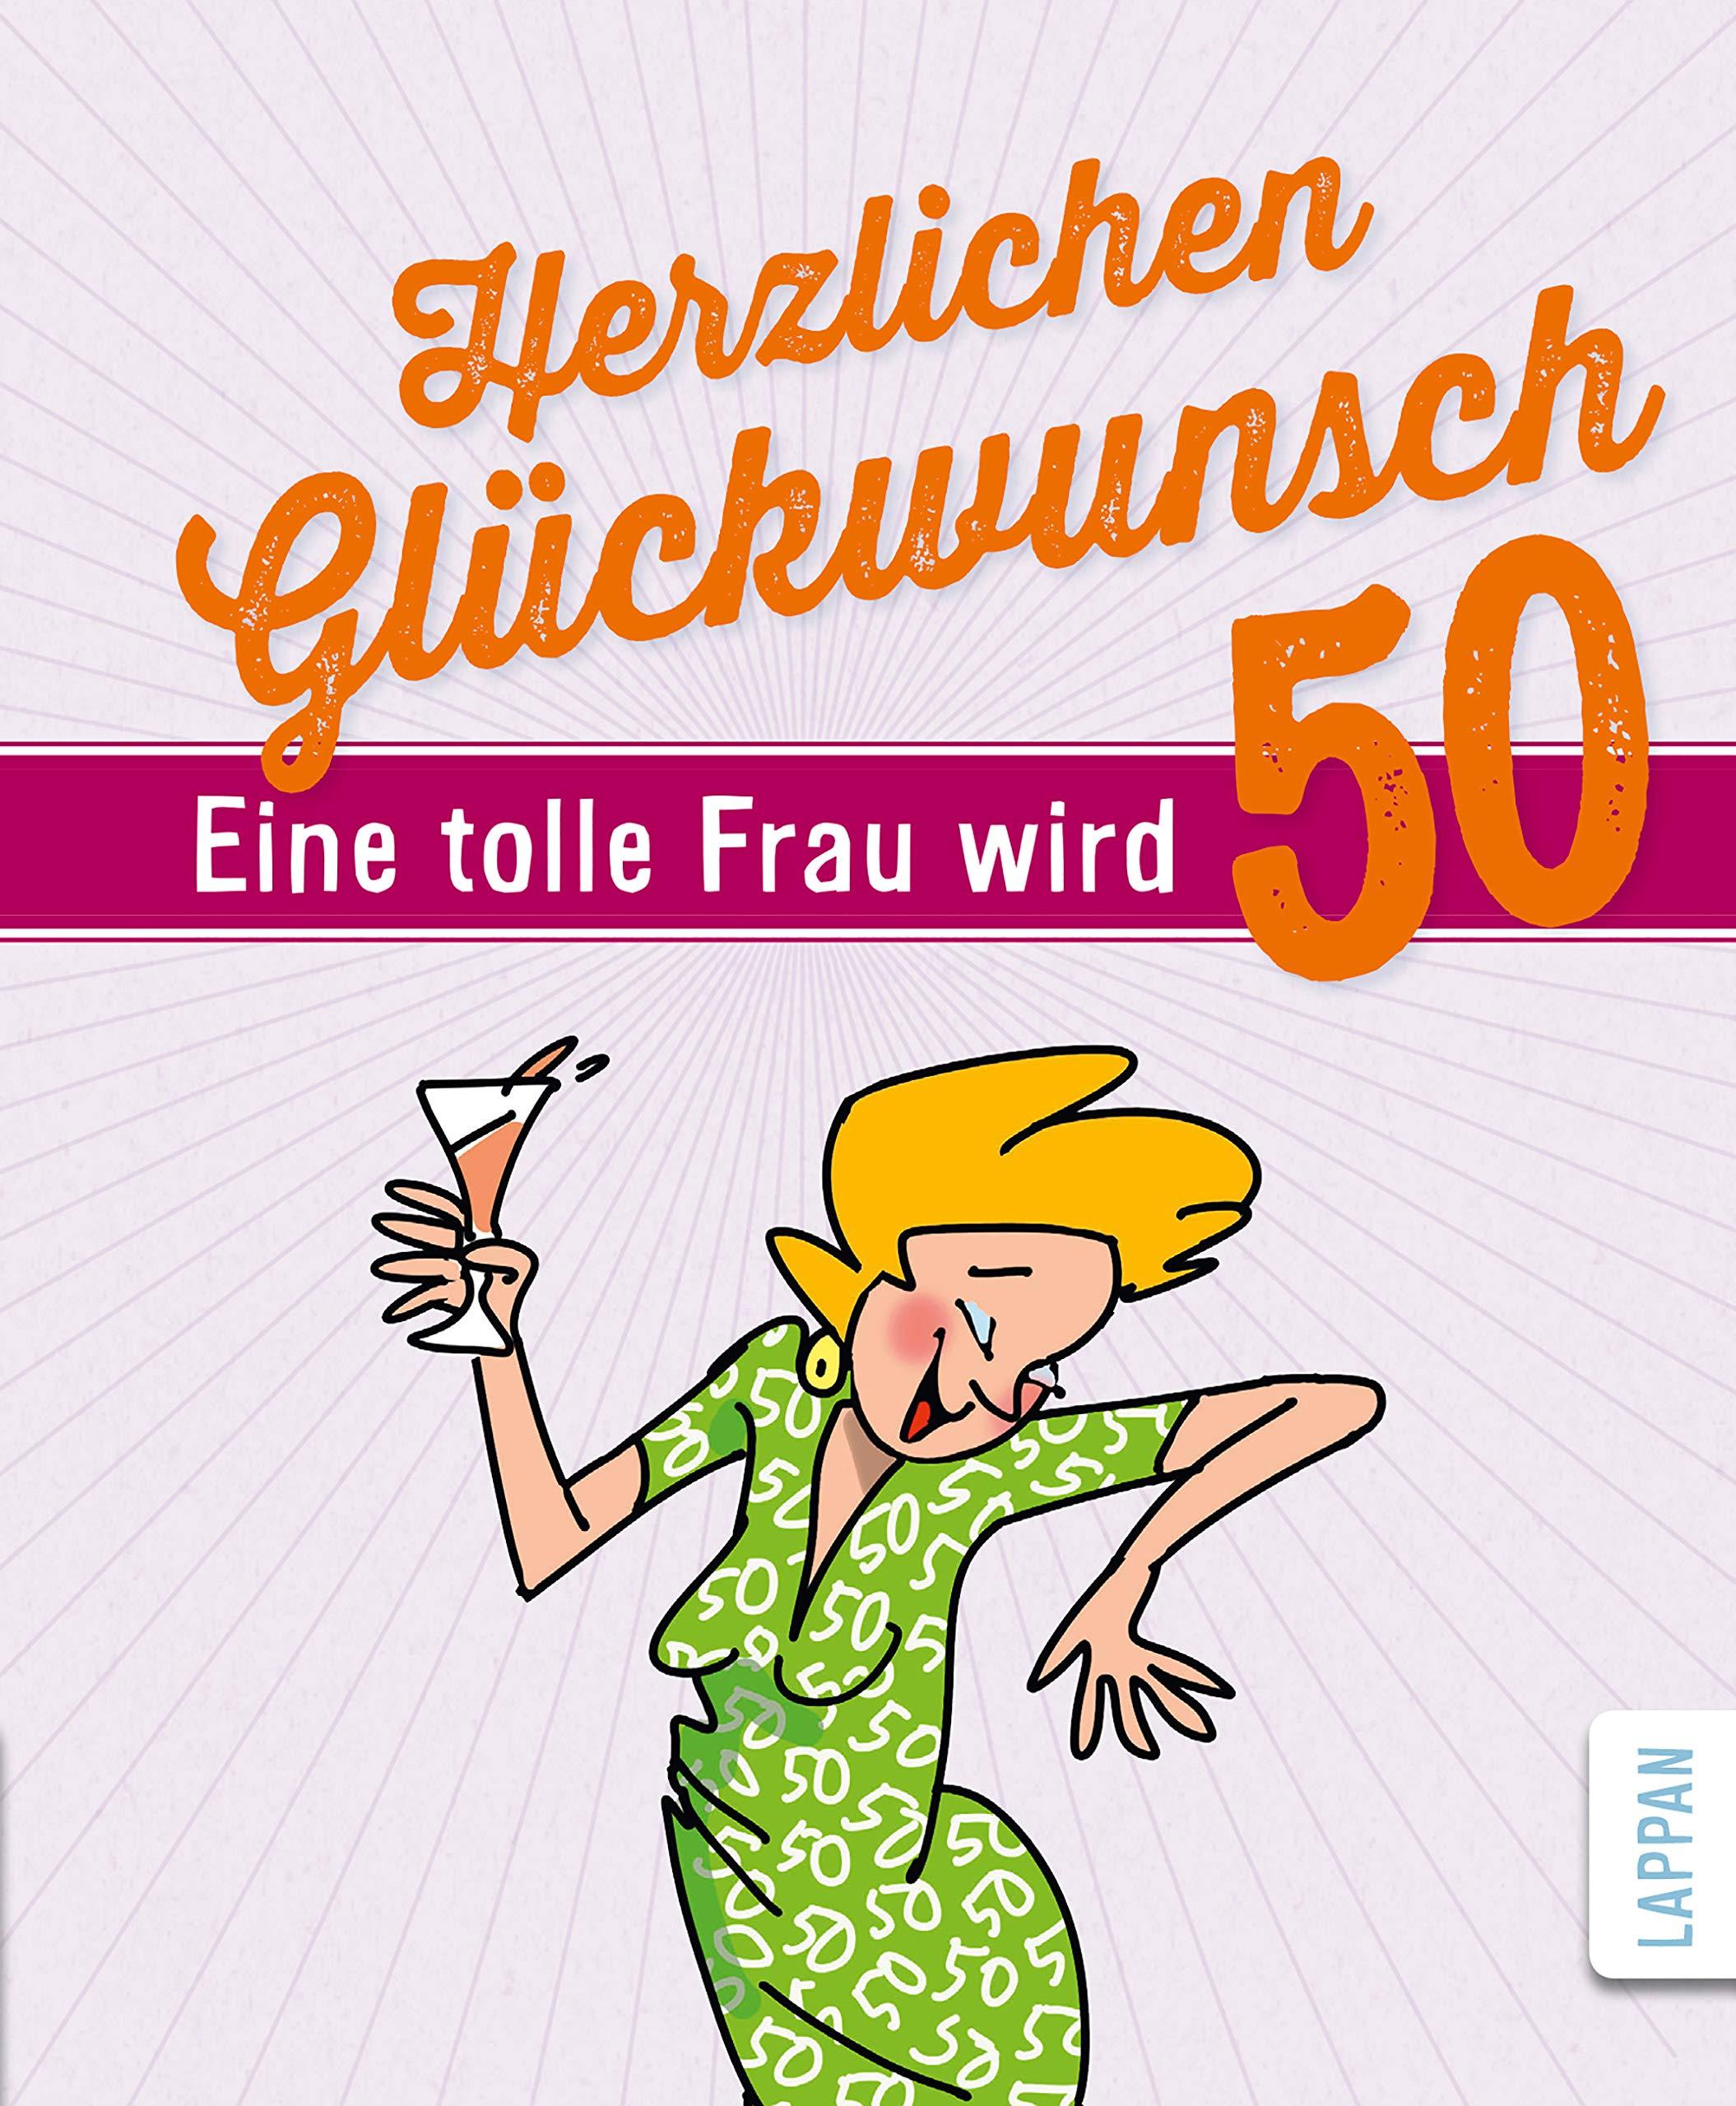 Geburtstag frau wird 50 Geburtstagsreden, lustige